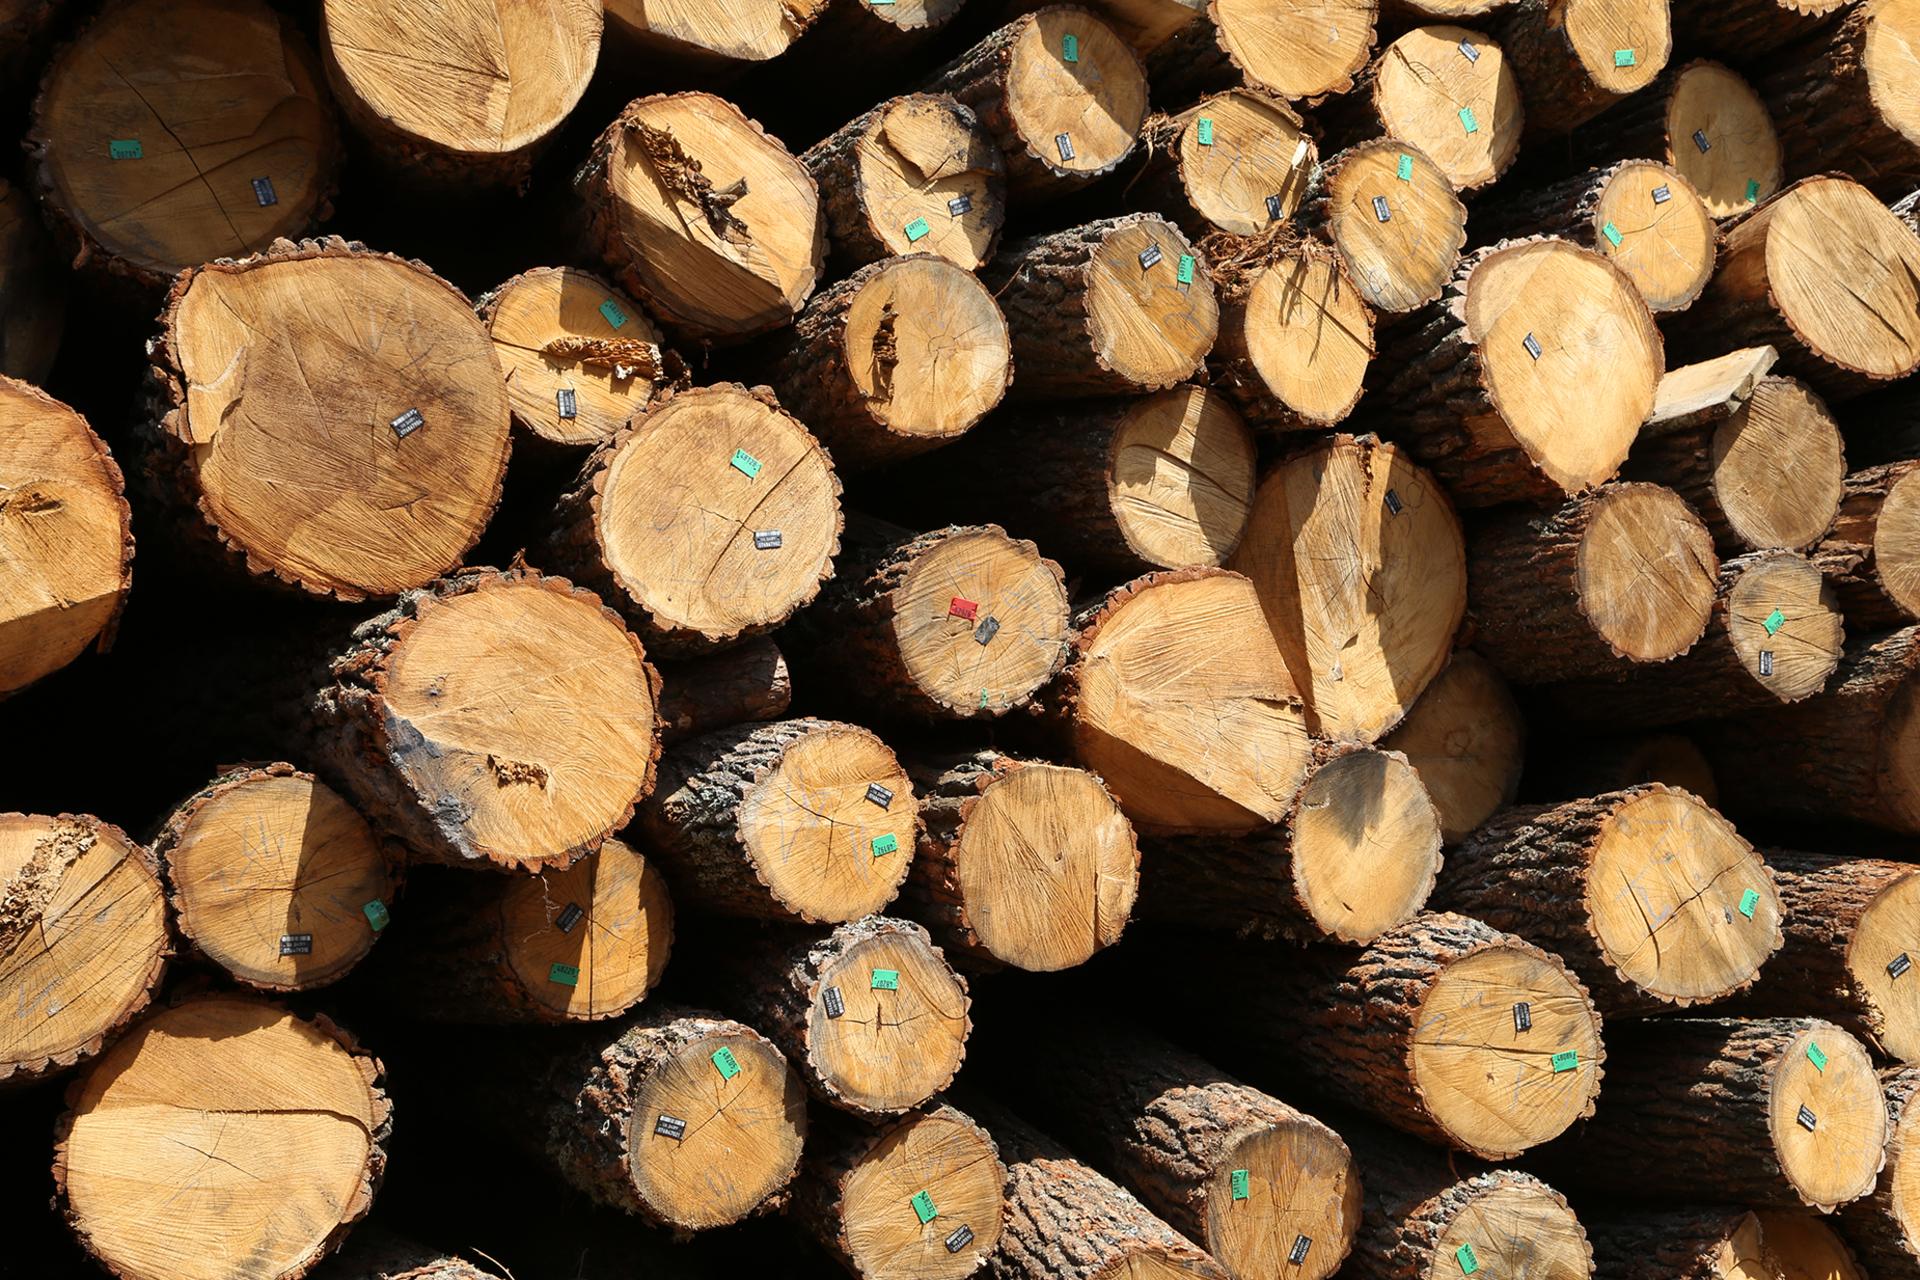 Сучасні торги деревиною